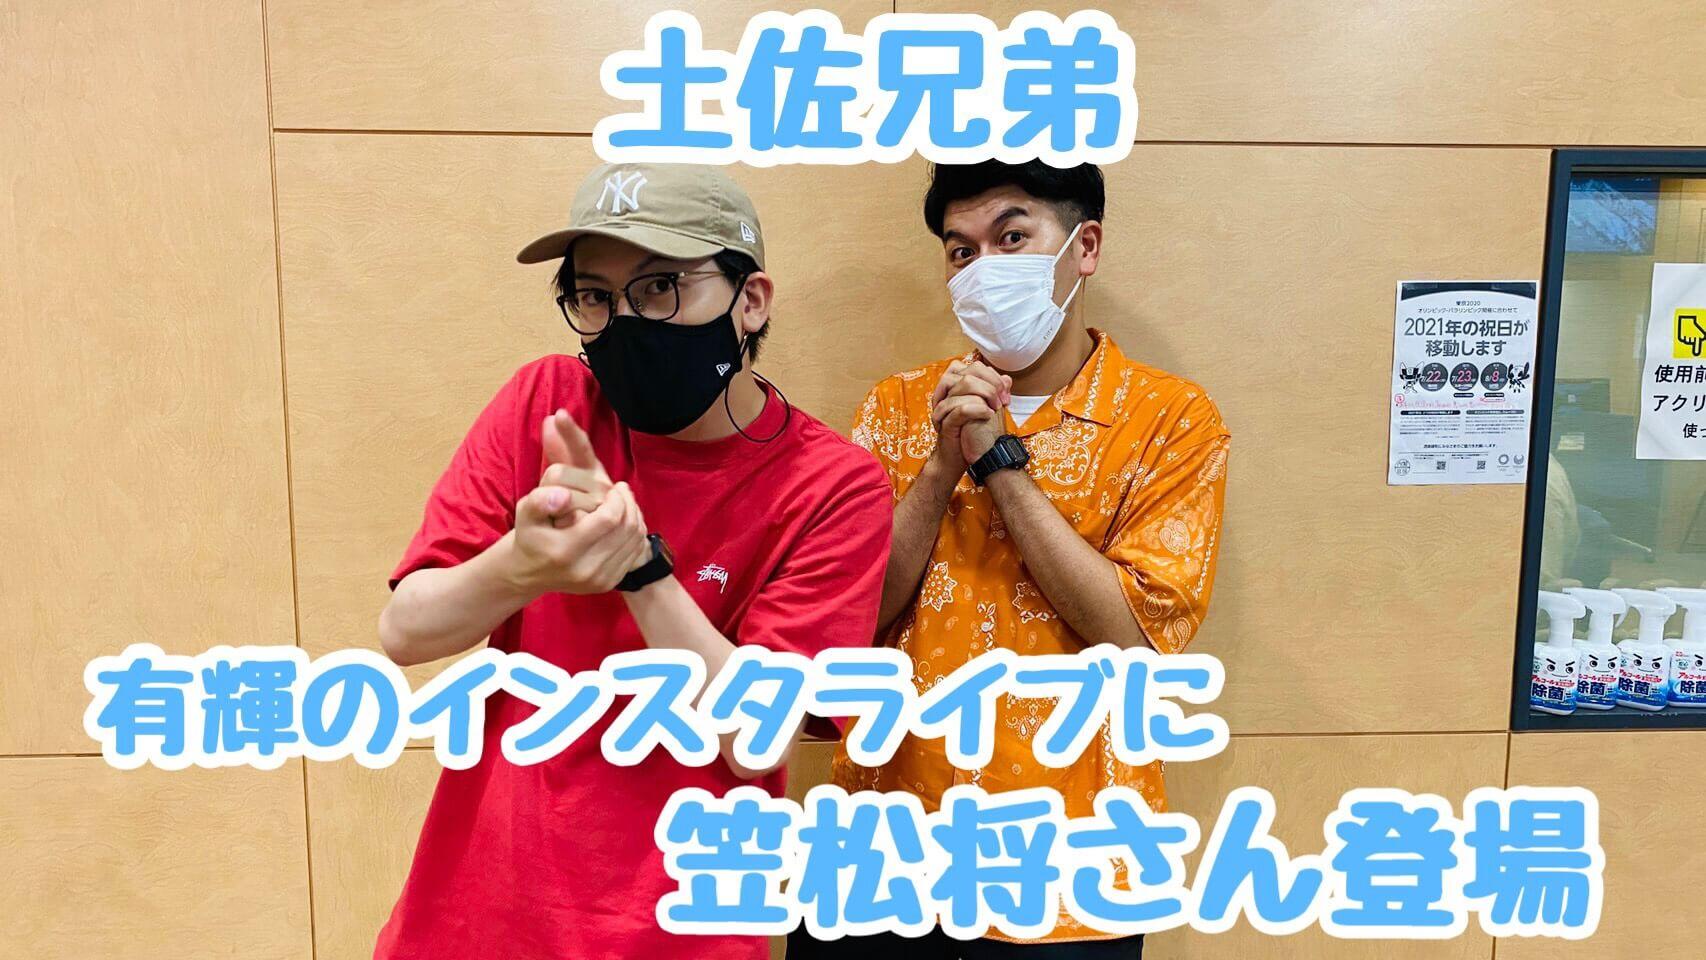 土佐兄弟・有輝のインスタライブに俳優・笠松将さん登場!